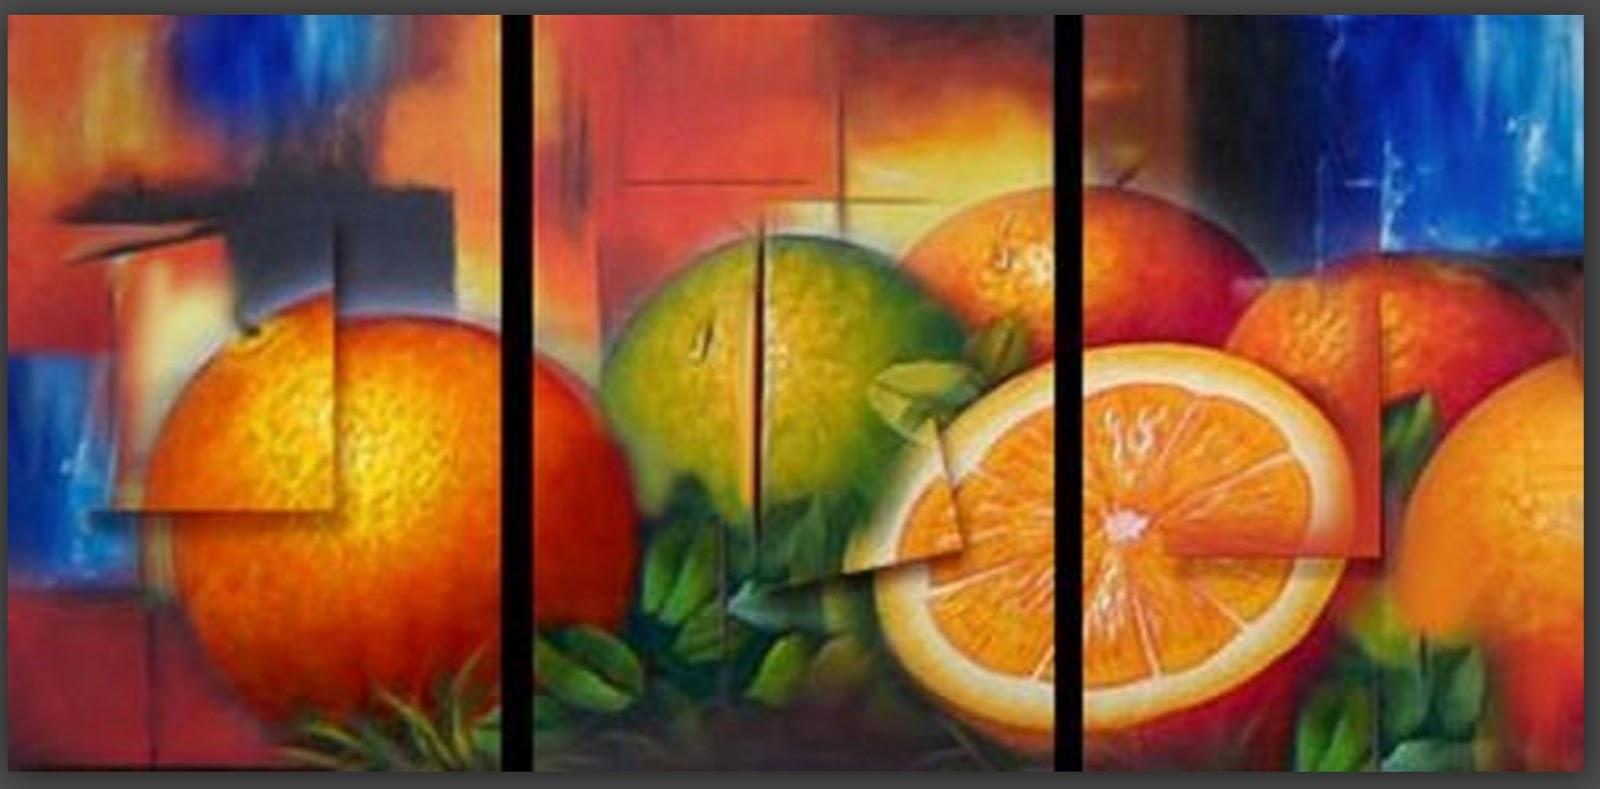 Pintura moderna y fotograf a art stica cuadros tr pticos for Cuadros al oleo modernos para comedor